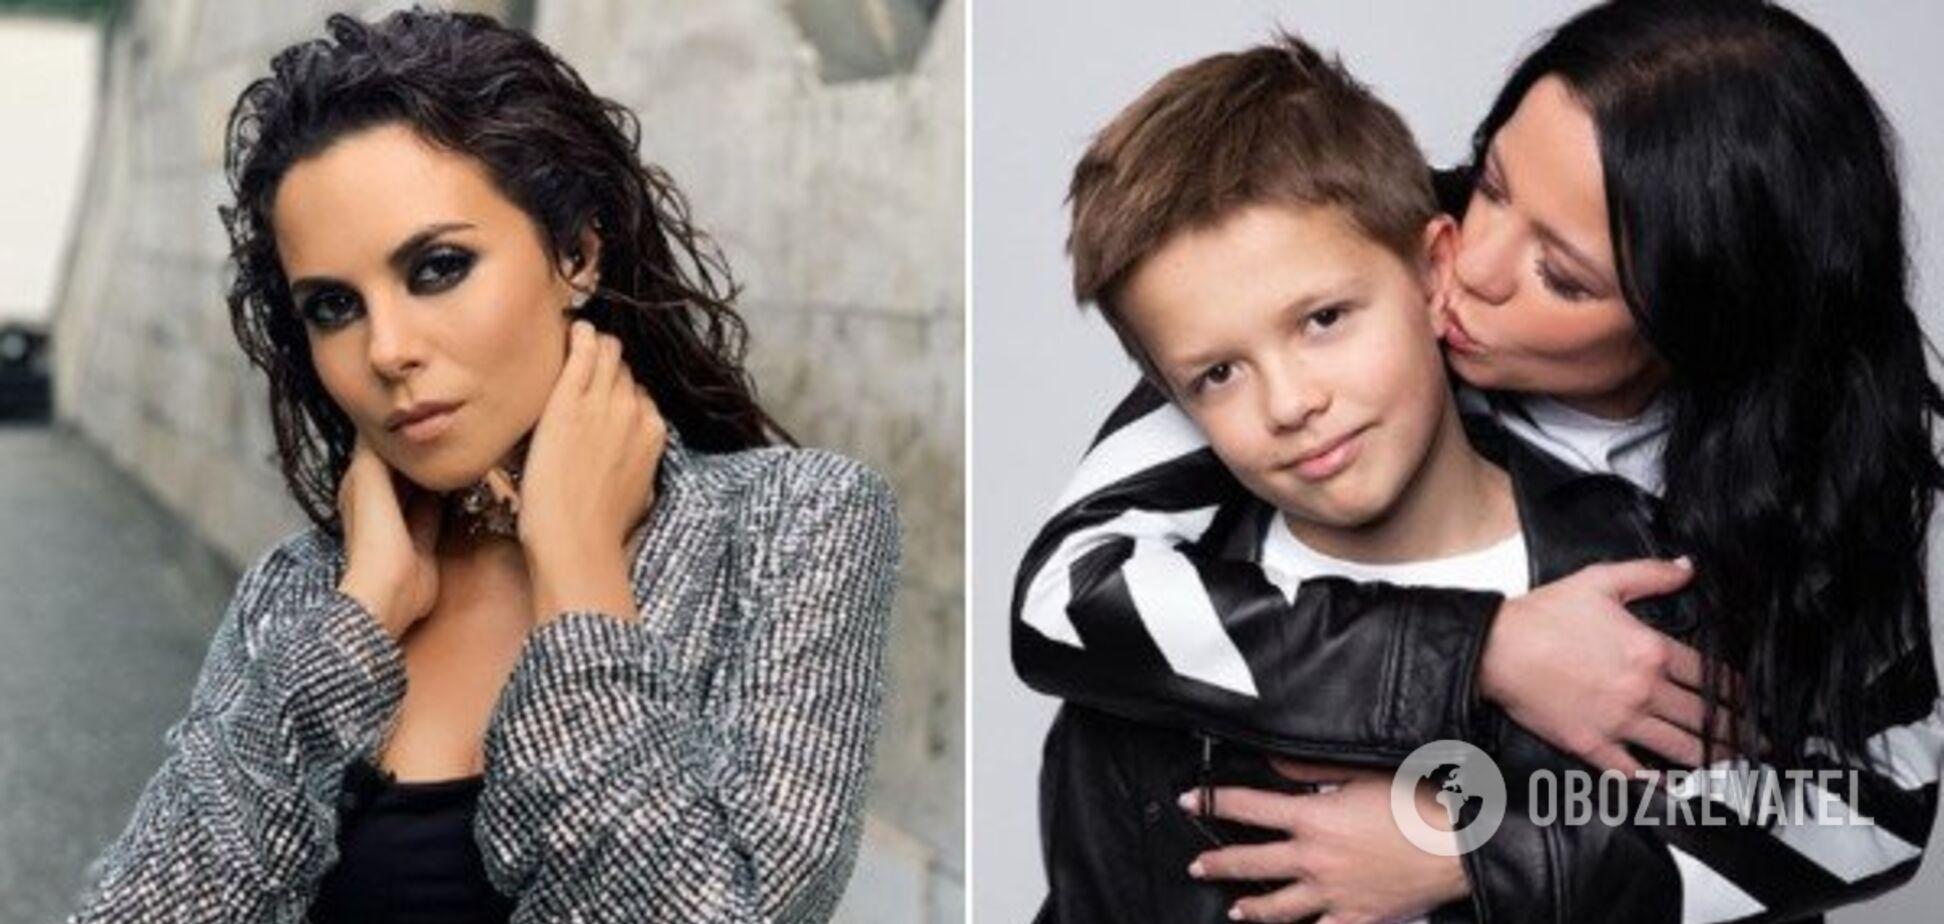 'Нет теплых отношений': экс-жена Потапа призналась, как их сын общается с Каменских